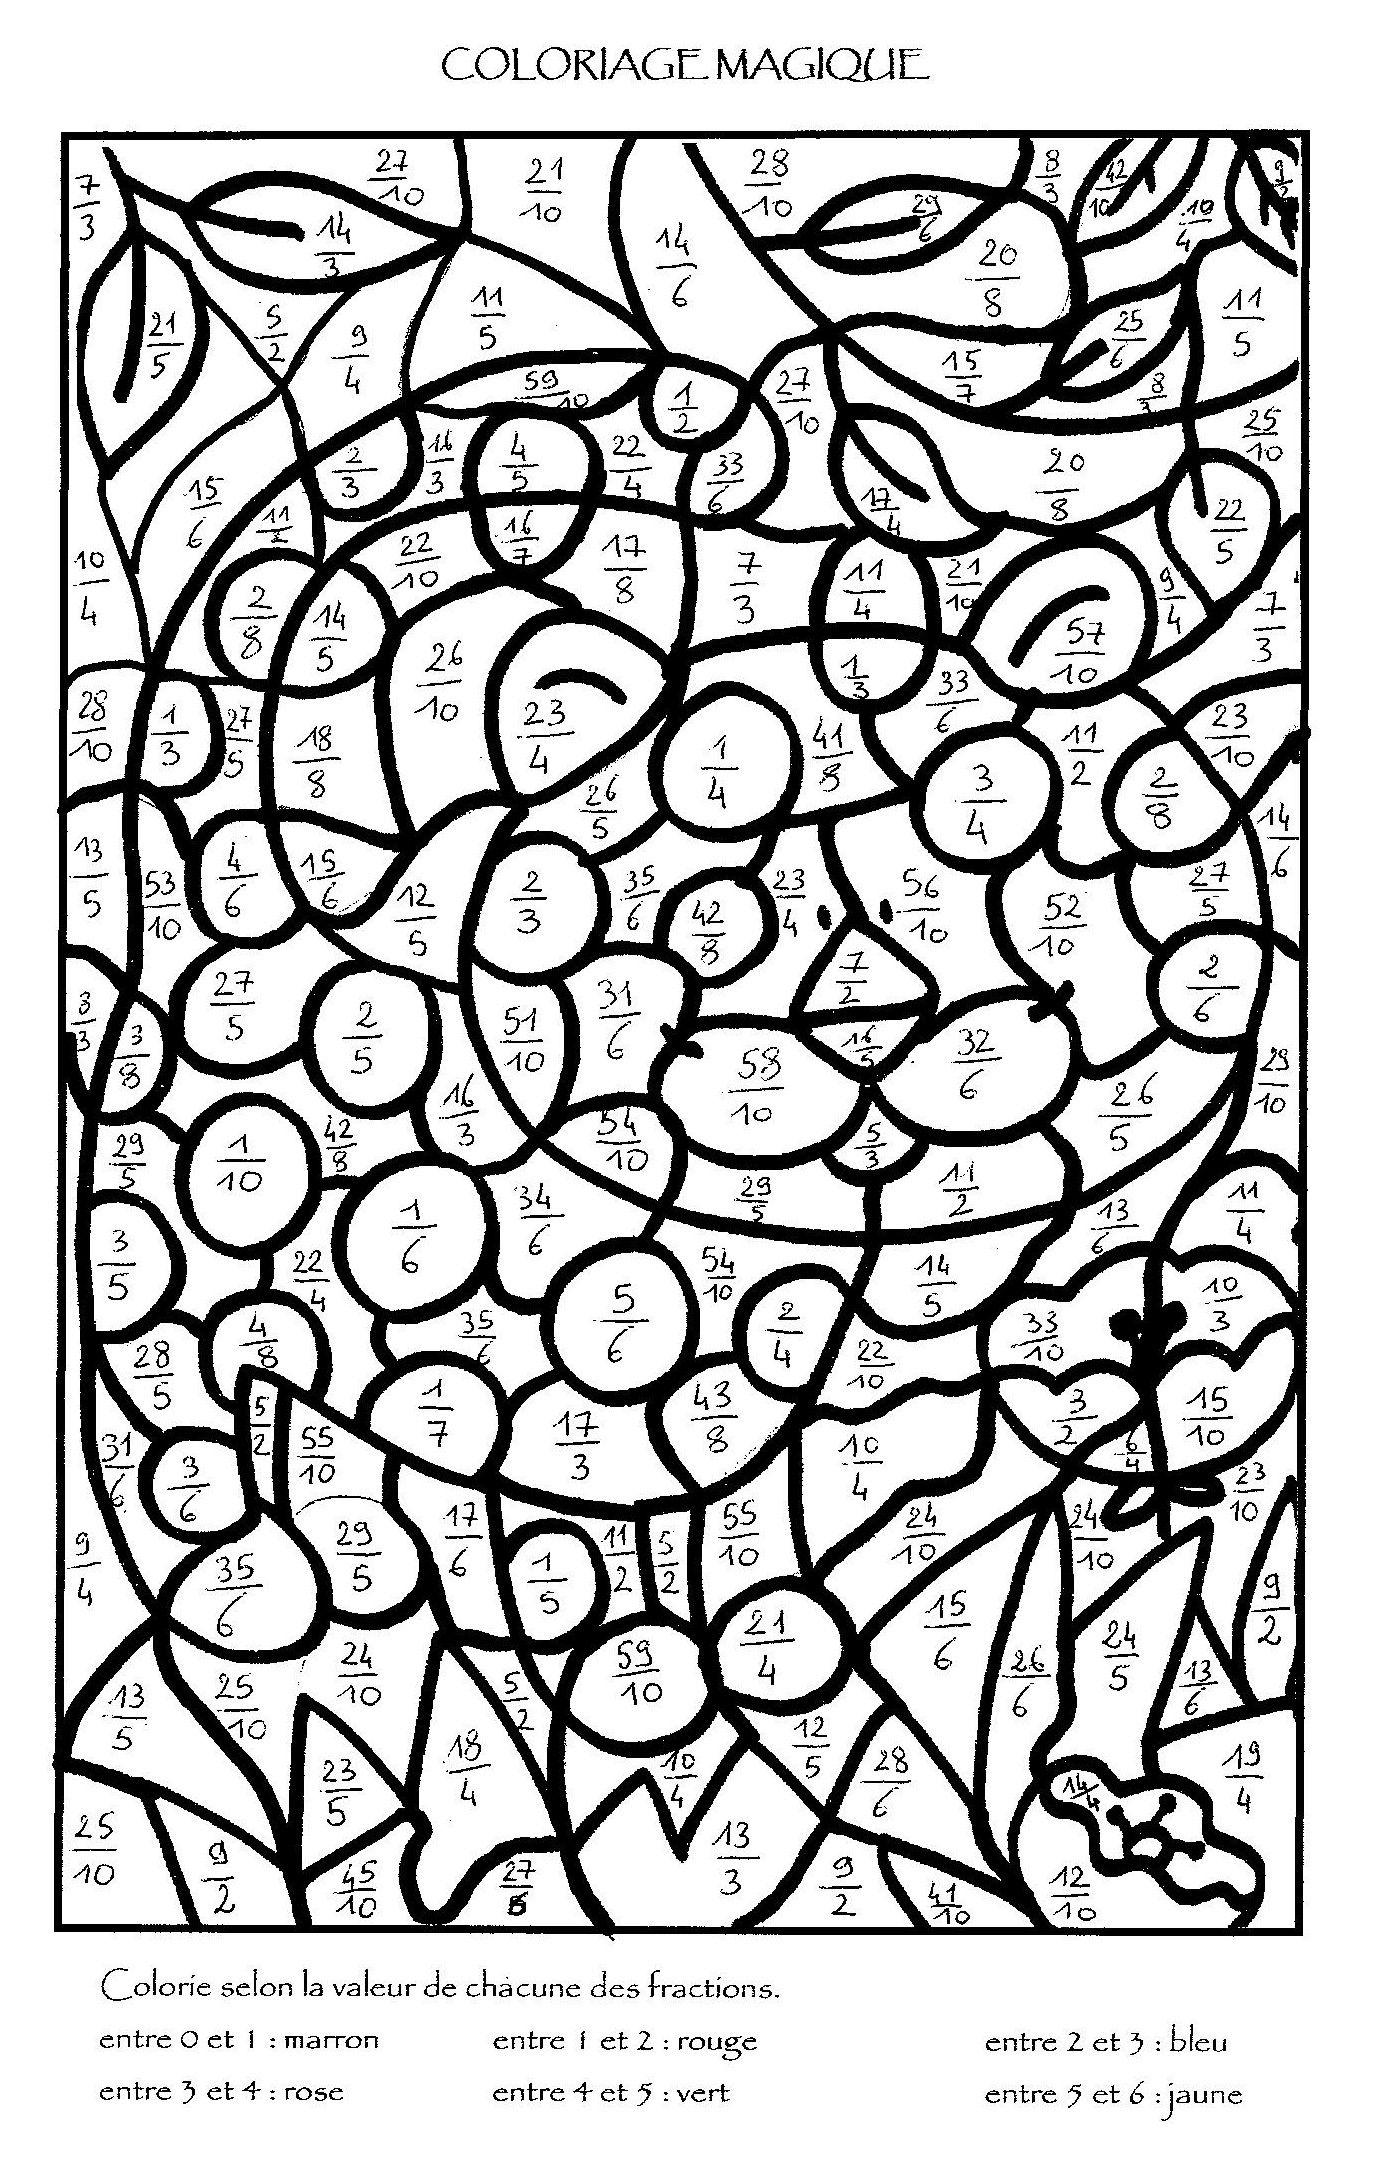 Coloriage Magique Cm1 à Colorier Dessin à Imprimer Druháci